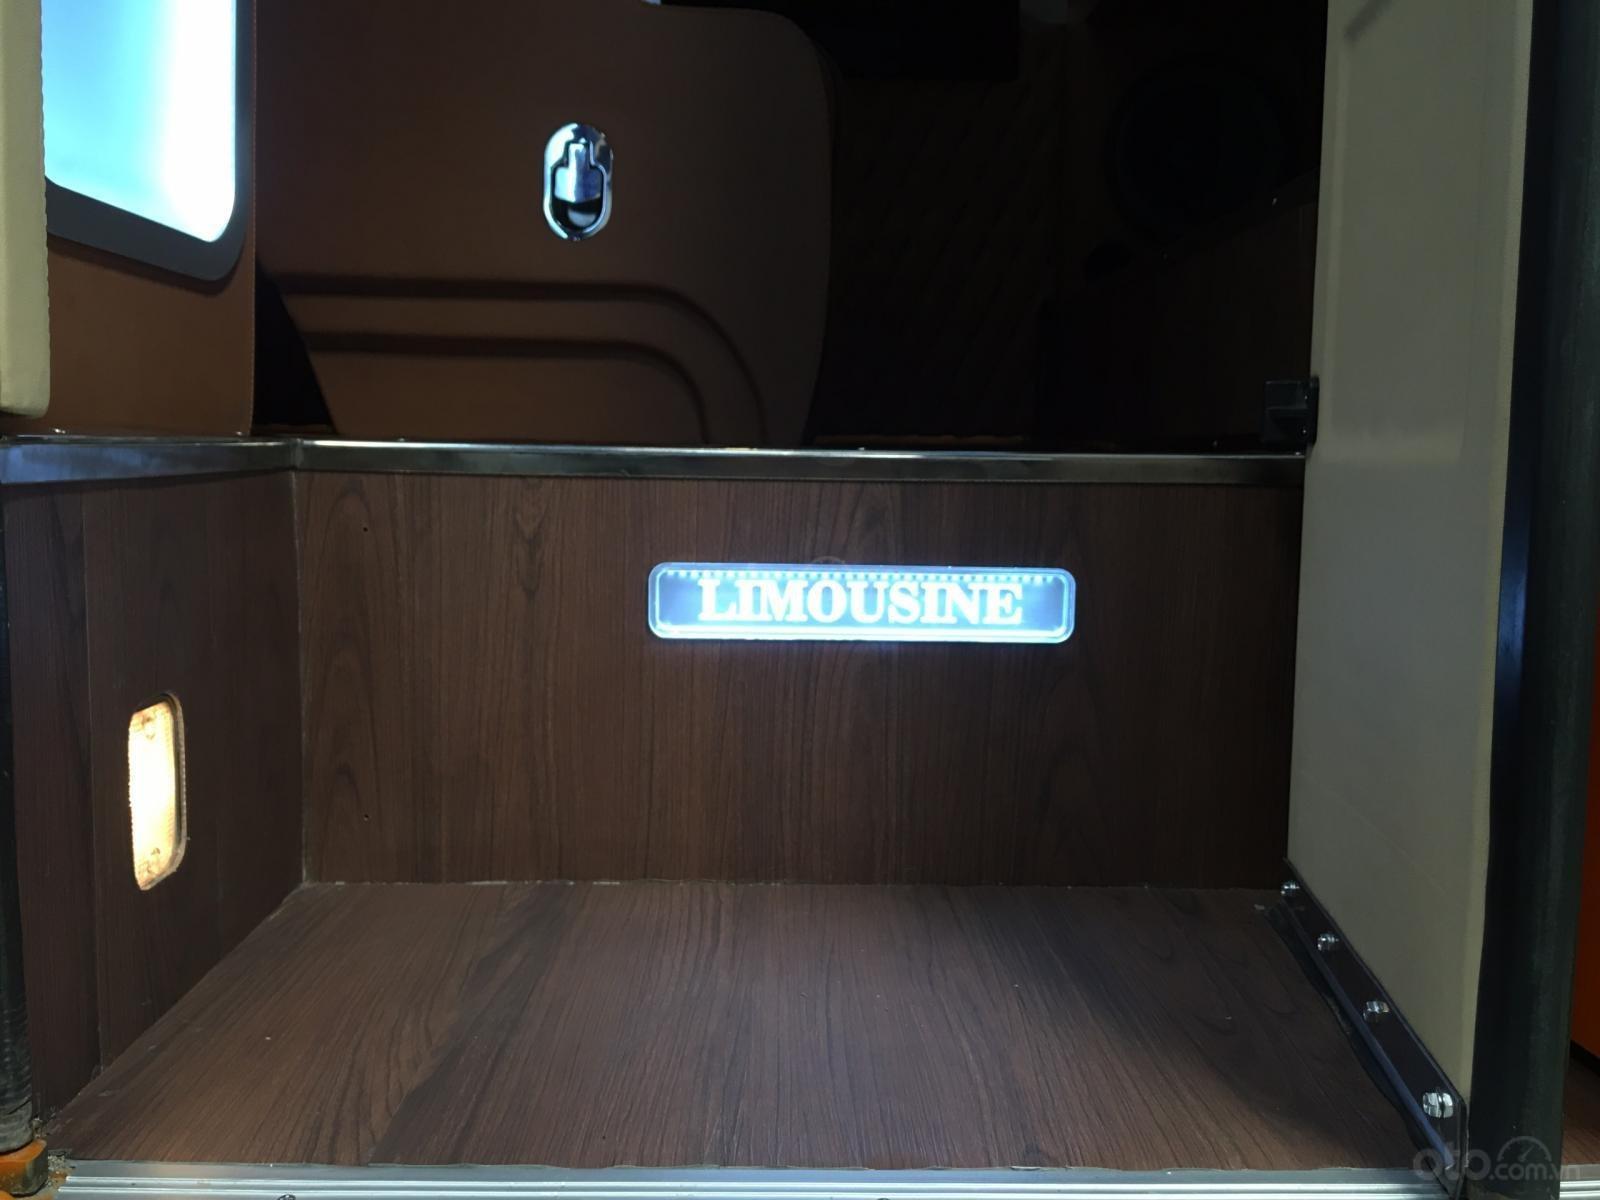 Bán nhanh xe mẫu Hyundai County 16 ghế Limousine vip, nội thất cao cấp, giá siêu hấp dẫn - trả trước 25% nhận xe (8)